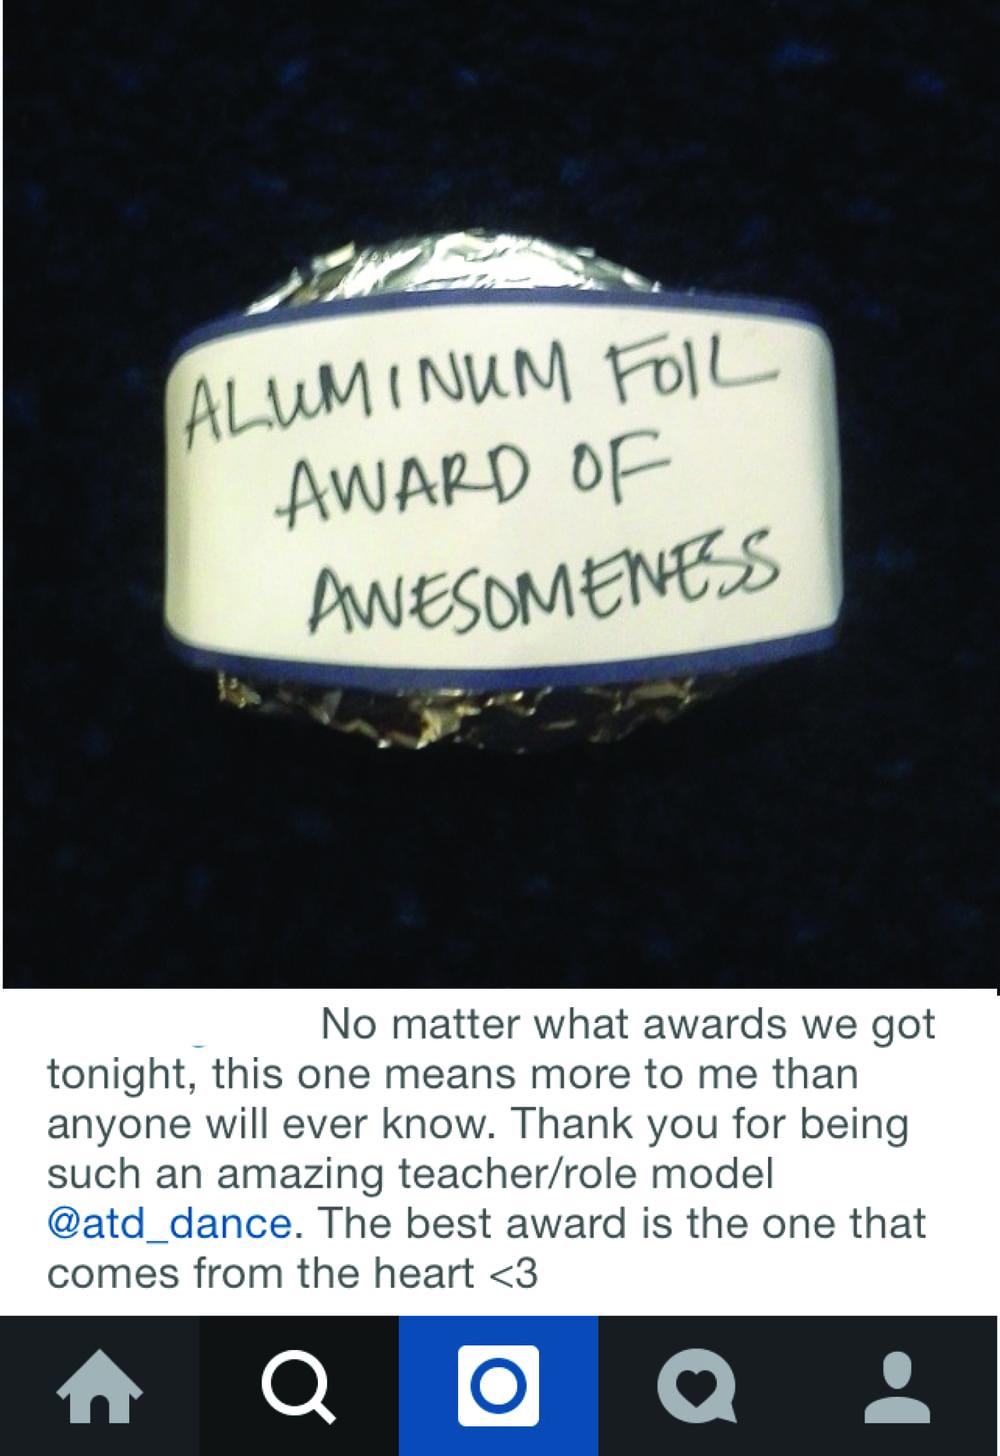 Aluminum Award